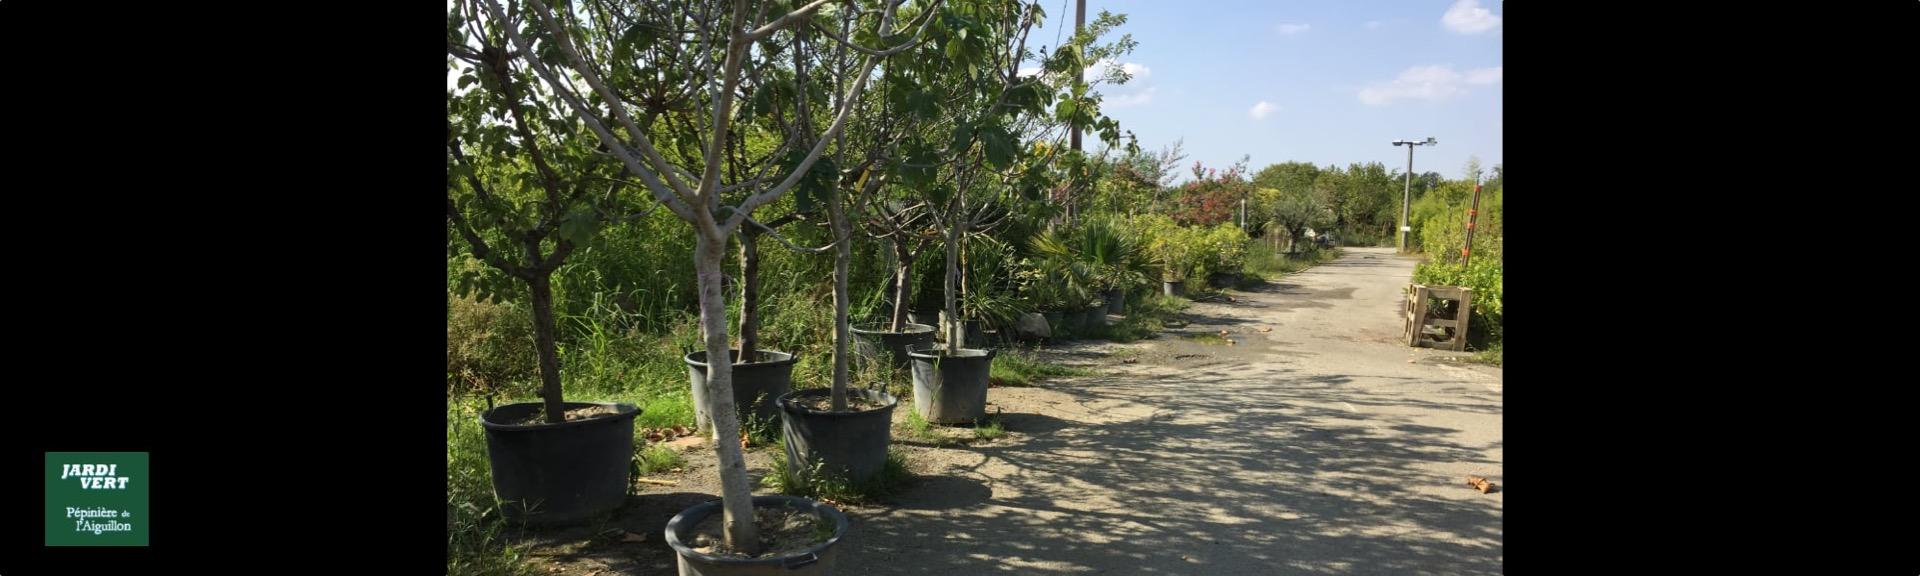 Producteur et vente de grands figuiers et arbre tige - Jardi Vert pépinière de l'Aiguillon à Toulouse